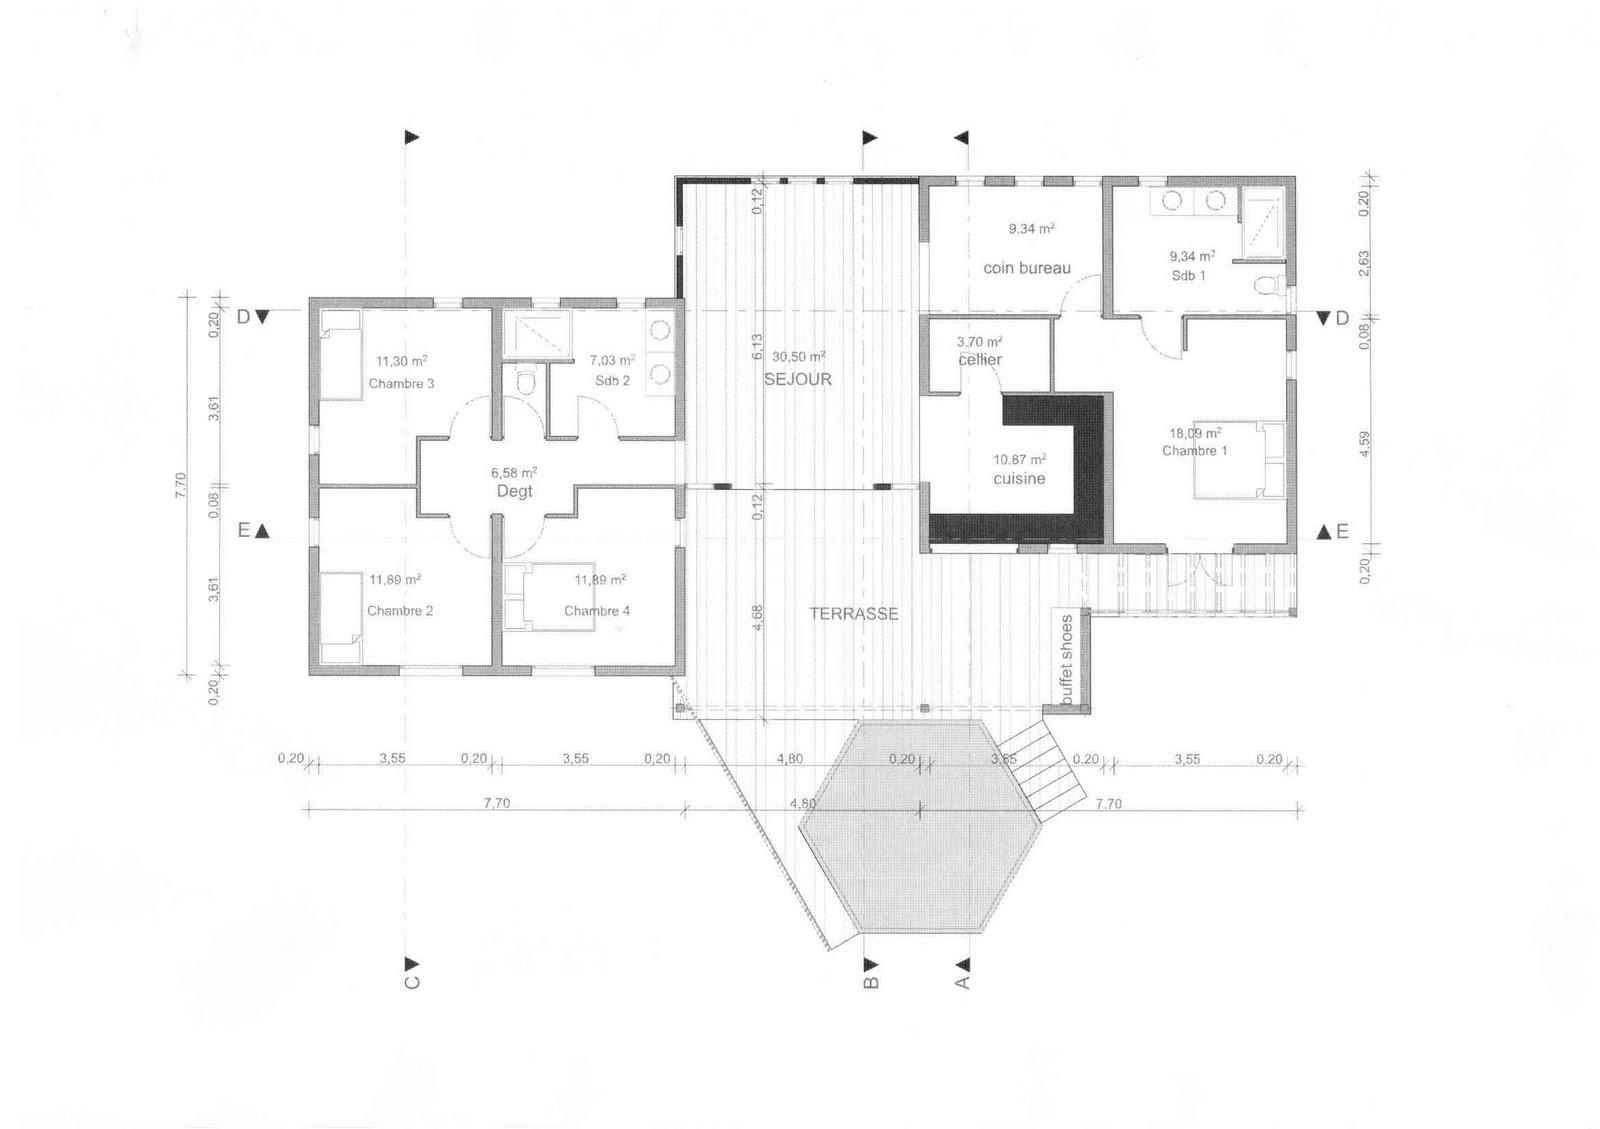 Extrêmement plan de maison 3 chambres salon TG13